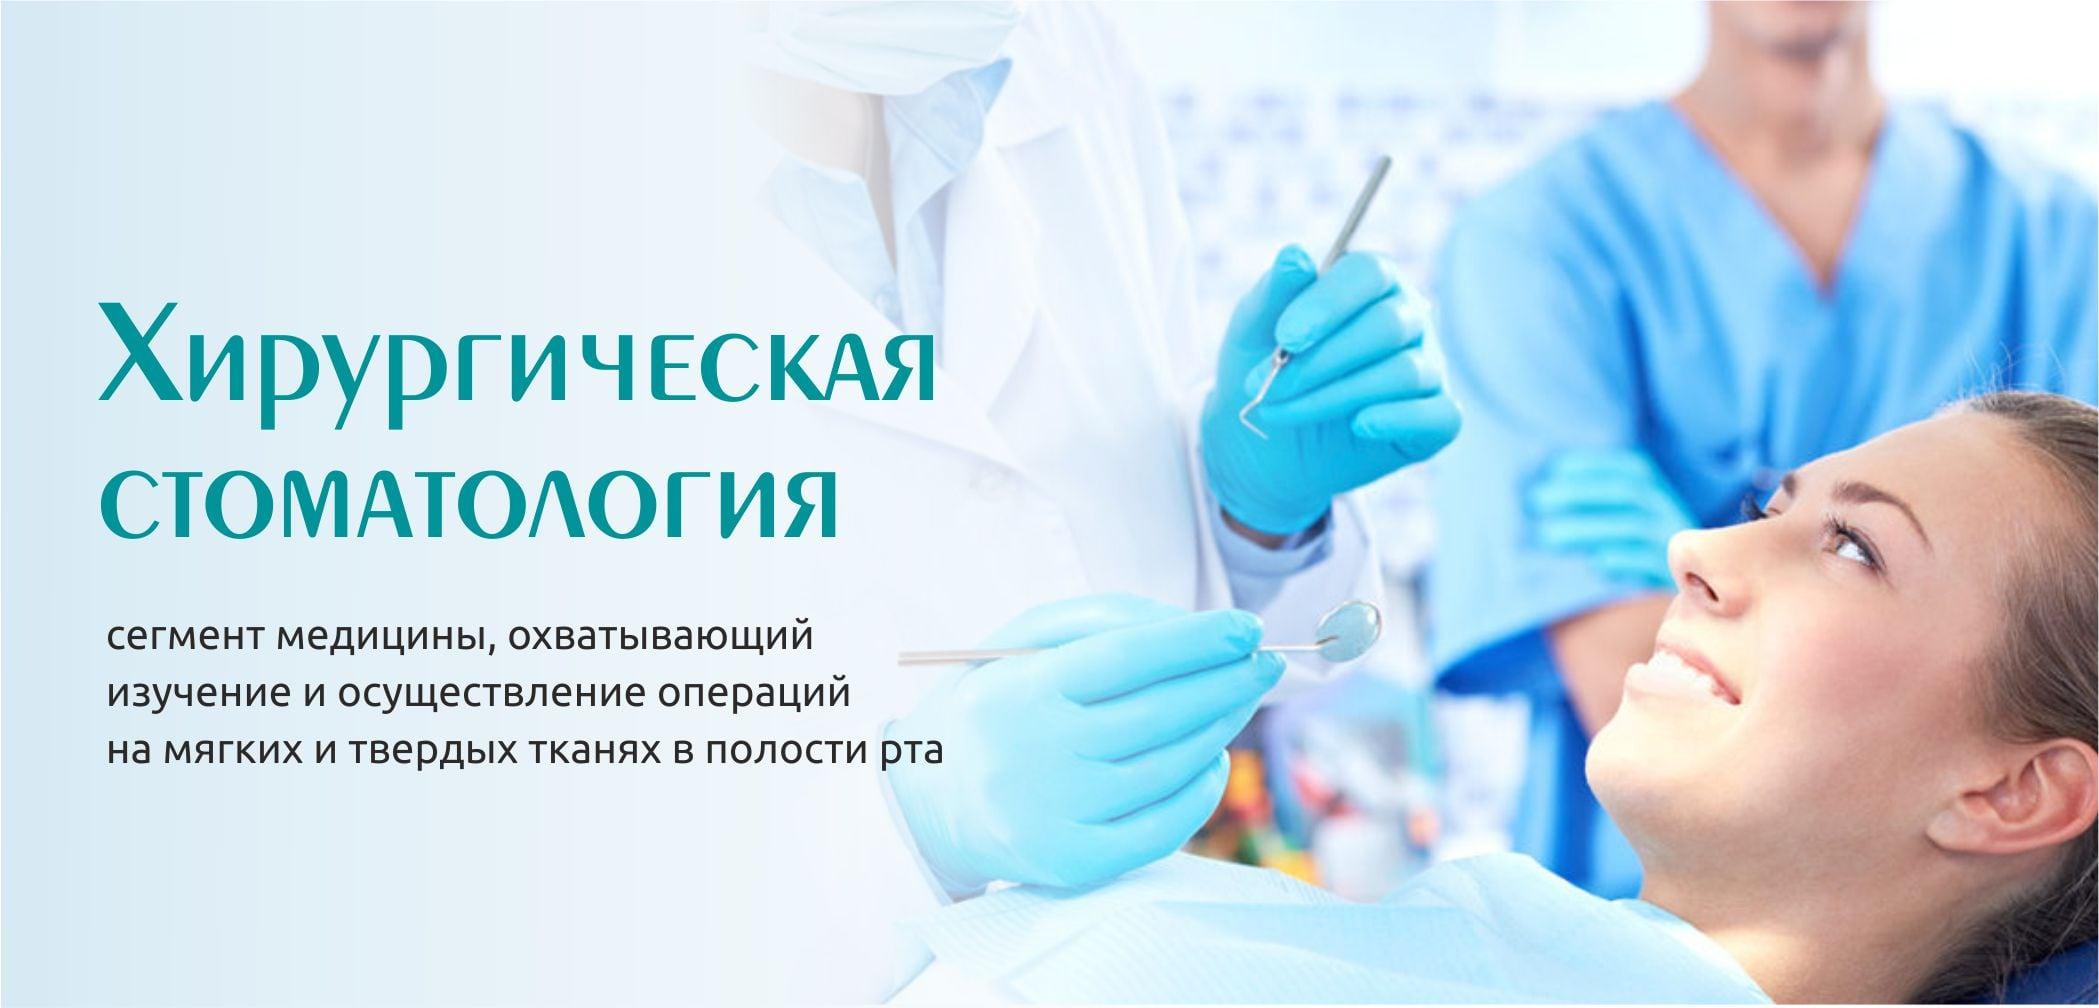 Хирургическая стоматология_01